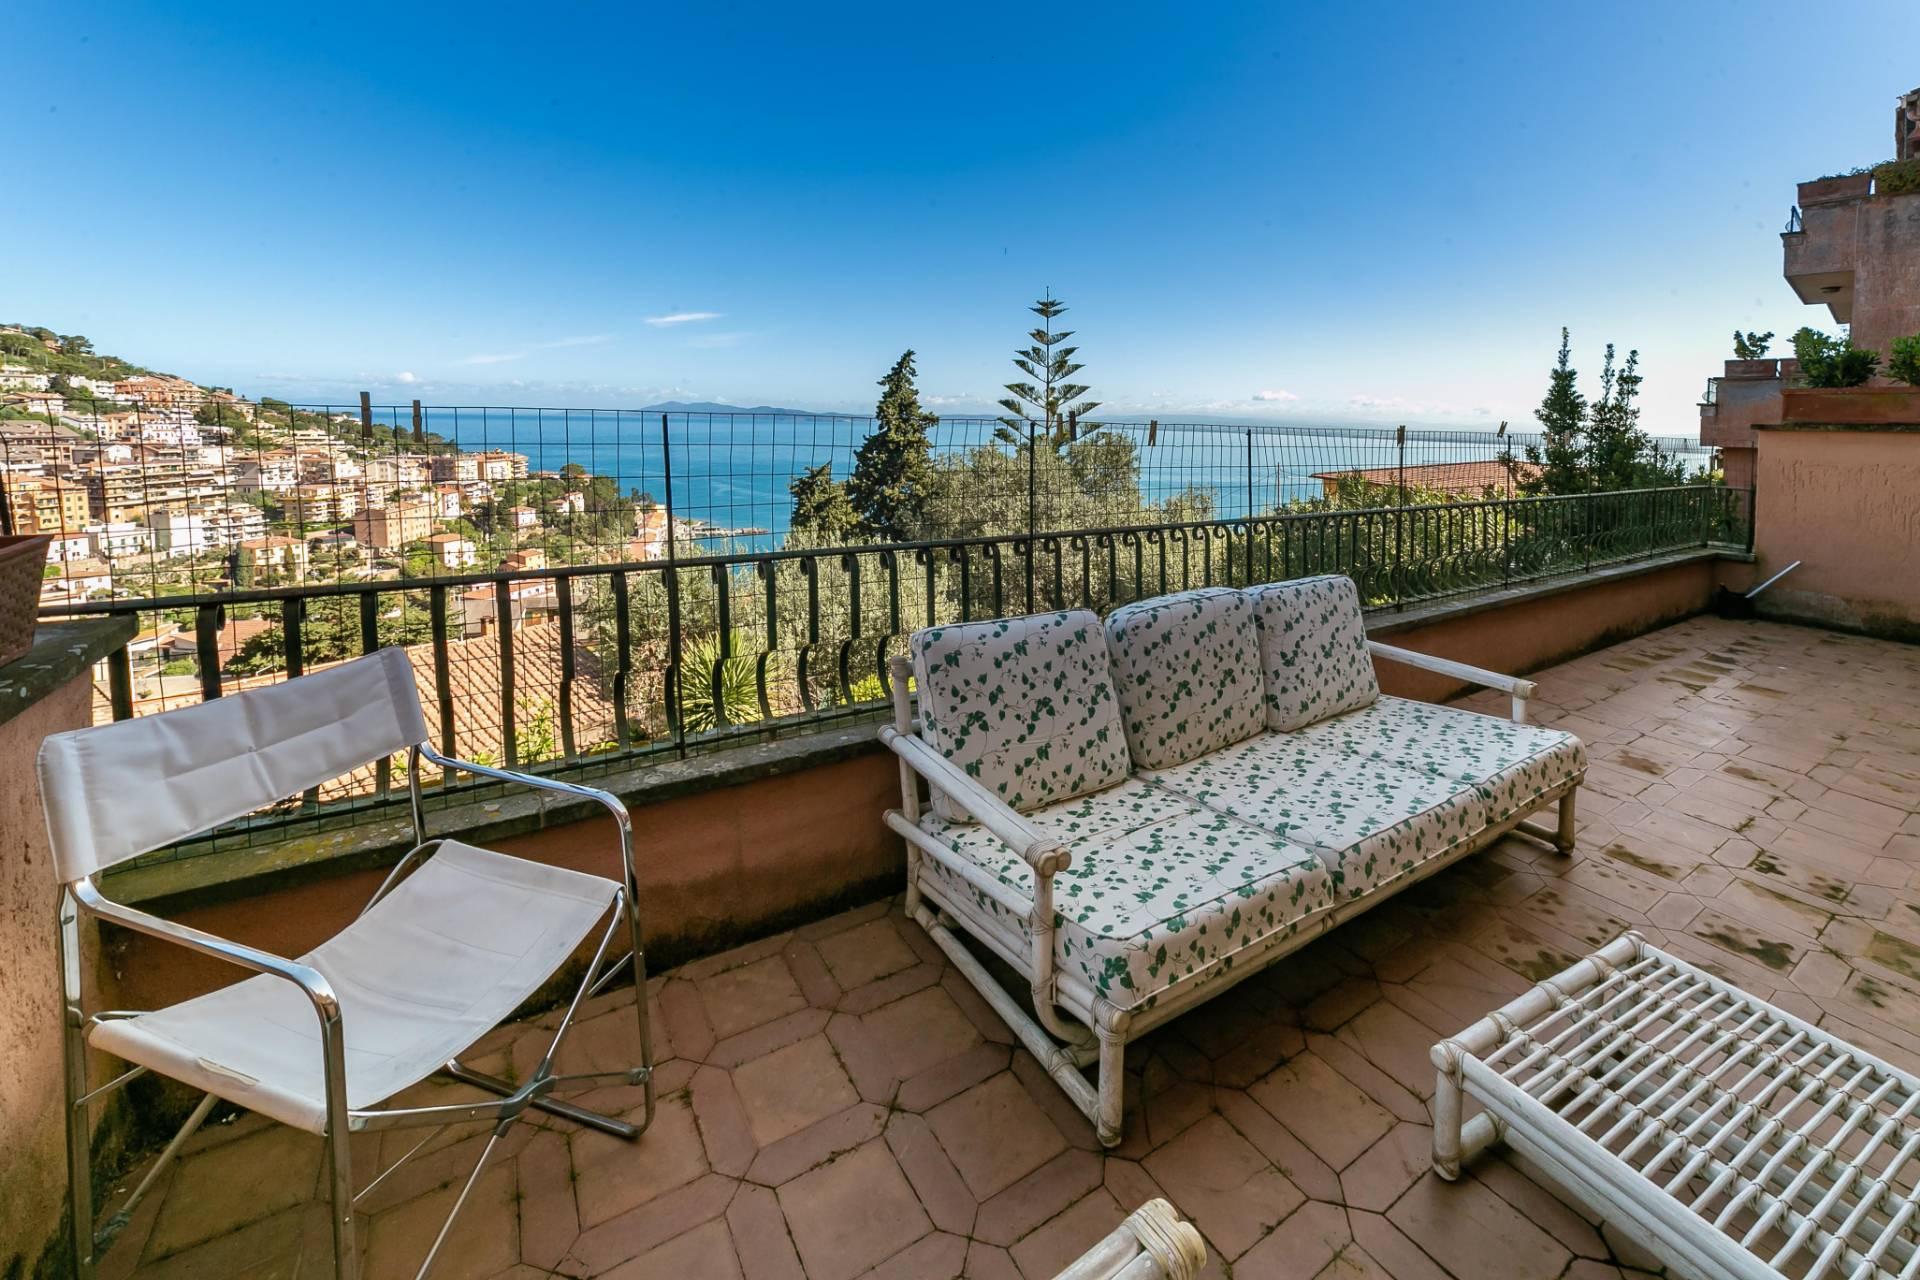 Appartamento in vendita a Monte Argentario, 7 locali, zona Località: Carrubo, prezzo € 390.000 | PortaleAgenzieImmobiliari.it